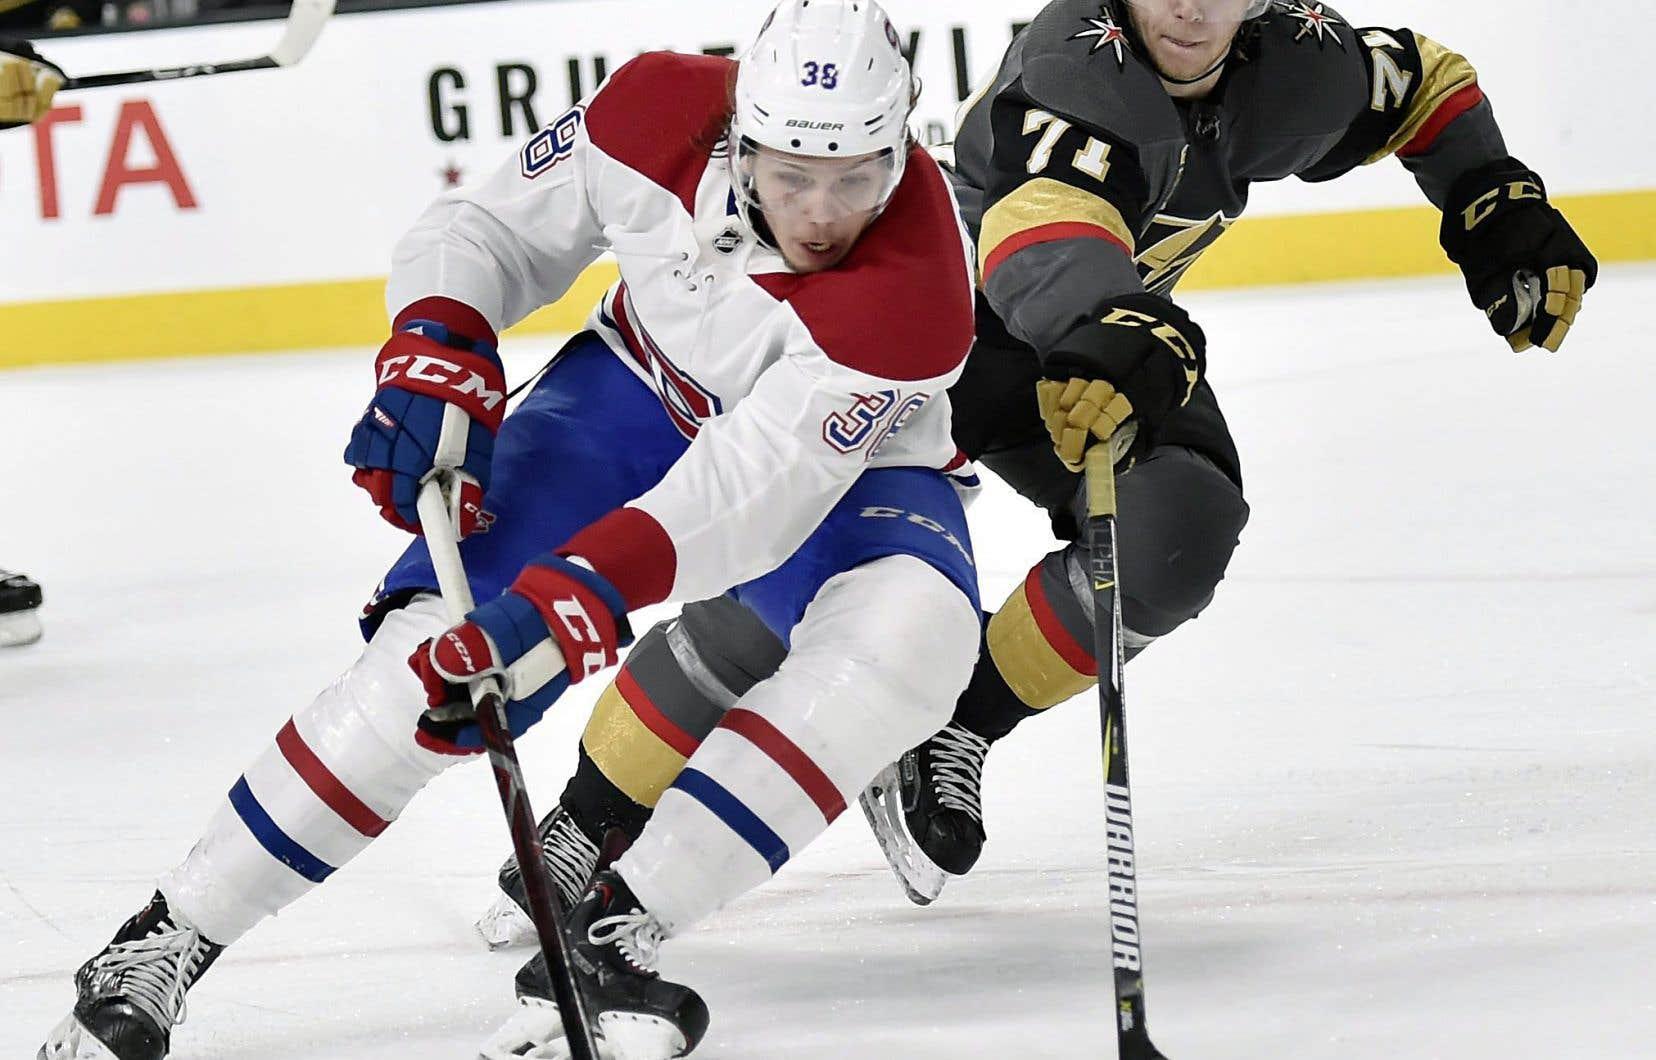 Nikita Scherbak fait partie des jeunes joueurs du Canadien qui comptent profiter de la fin de saison pour prouver leurs capacités à jouer dans la grande ligue.